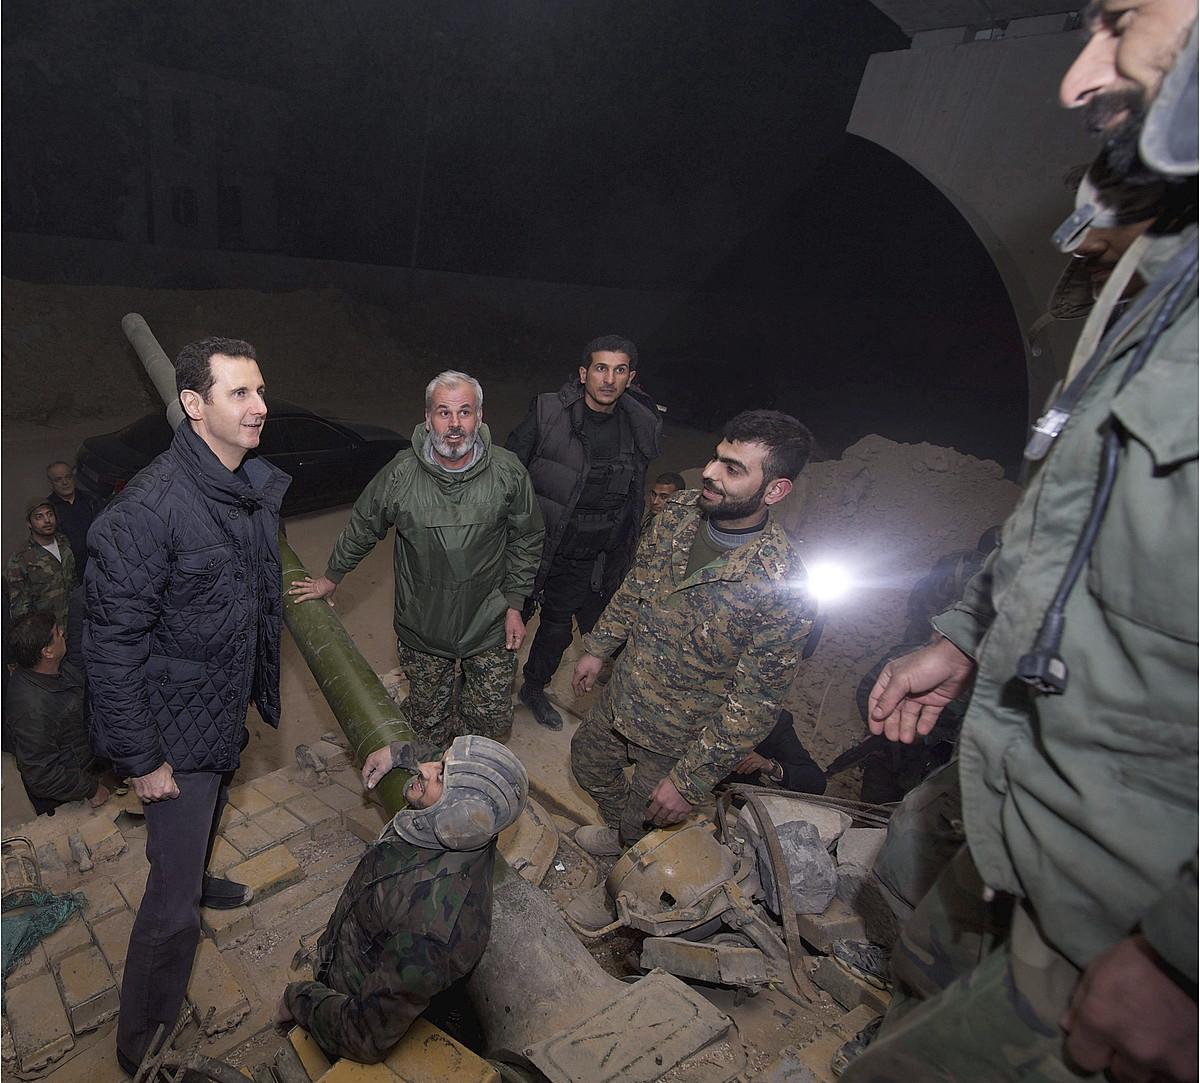 Baxar al-Assad Siriako presidentea soldaduei bisitan, Urtezahar arratsean, Jubargo frontean (Damasko).